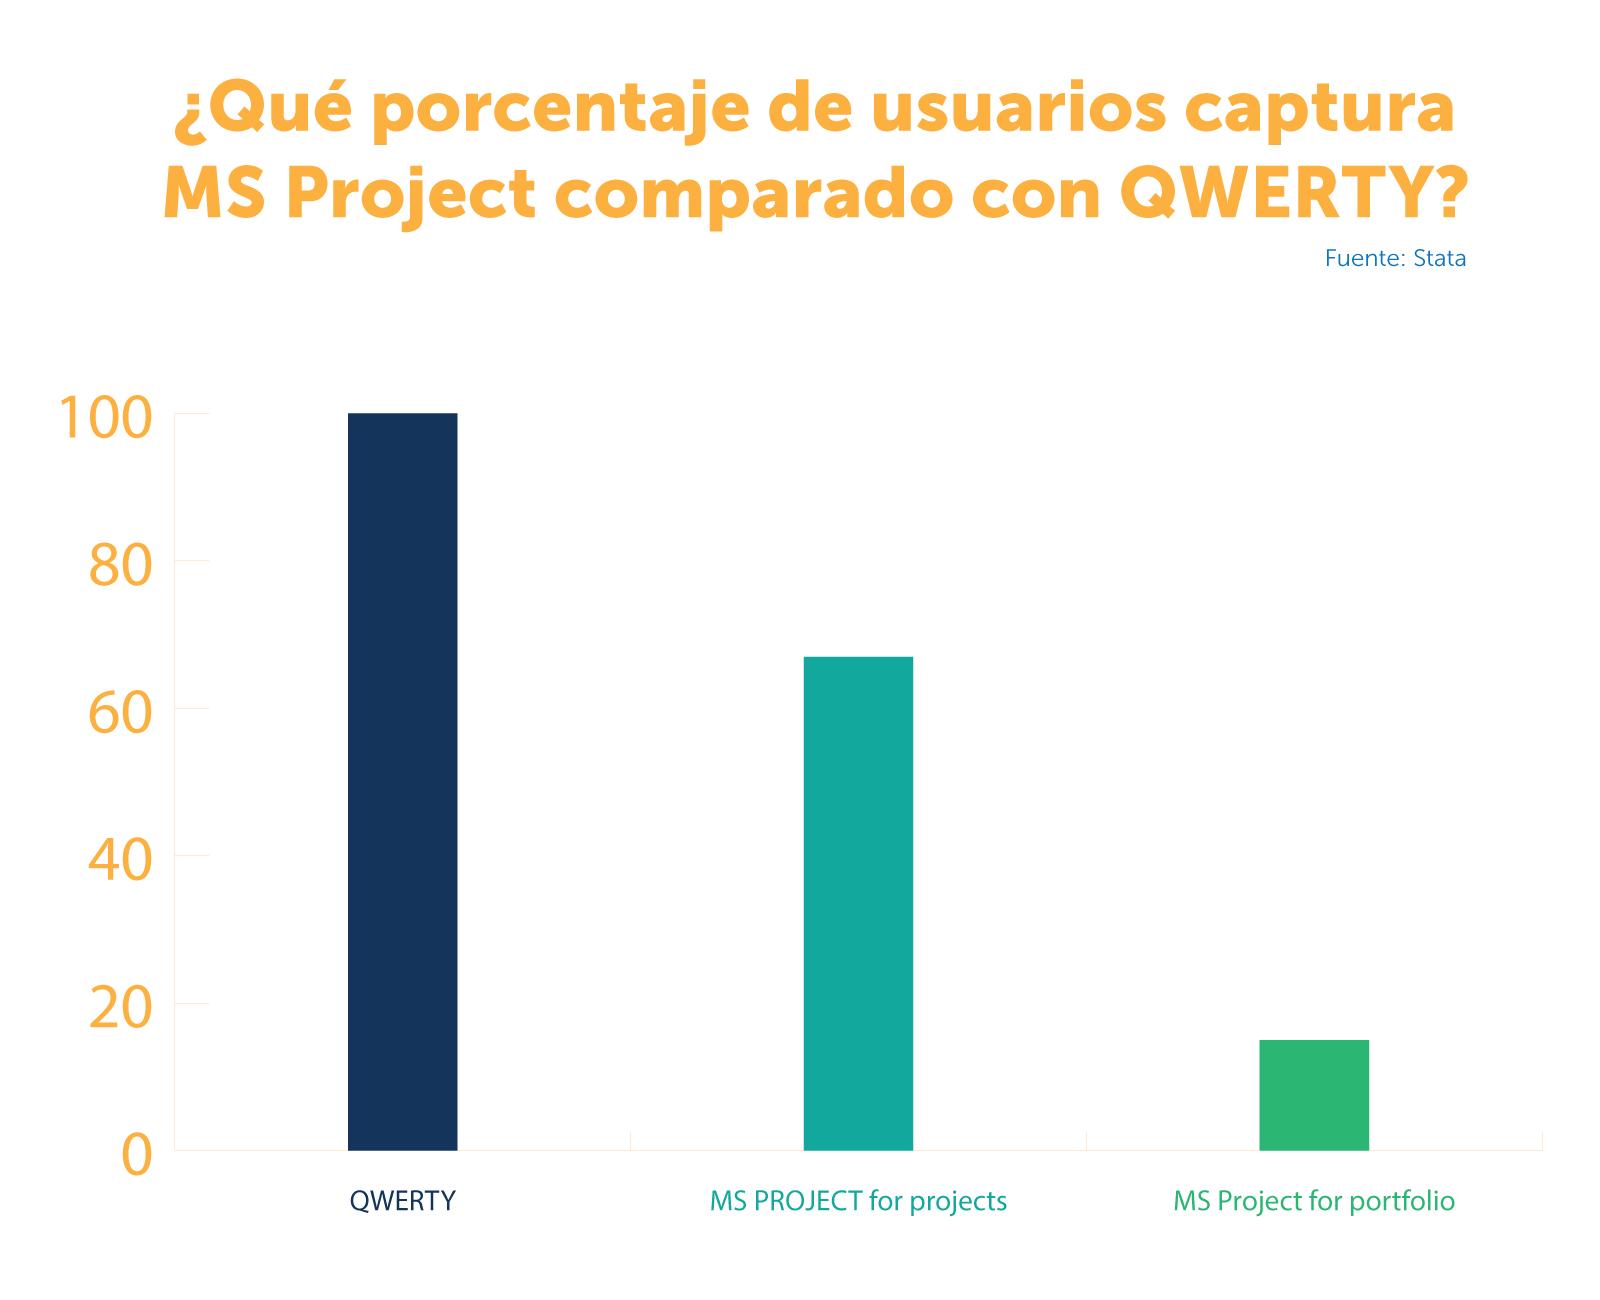 Qué porcentaje de usuarios captura MS Project comparado con QWERTY statistics